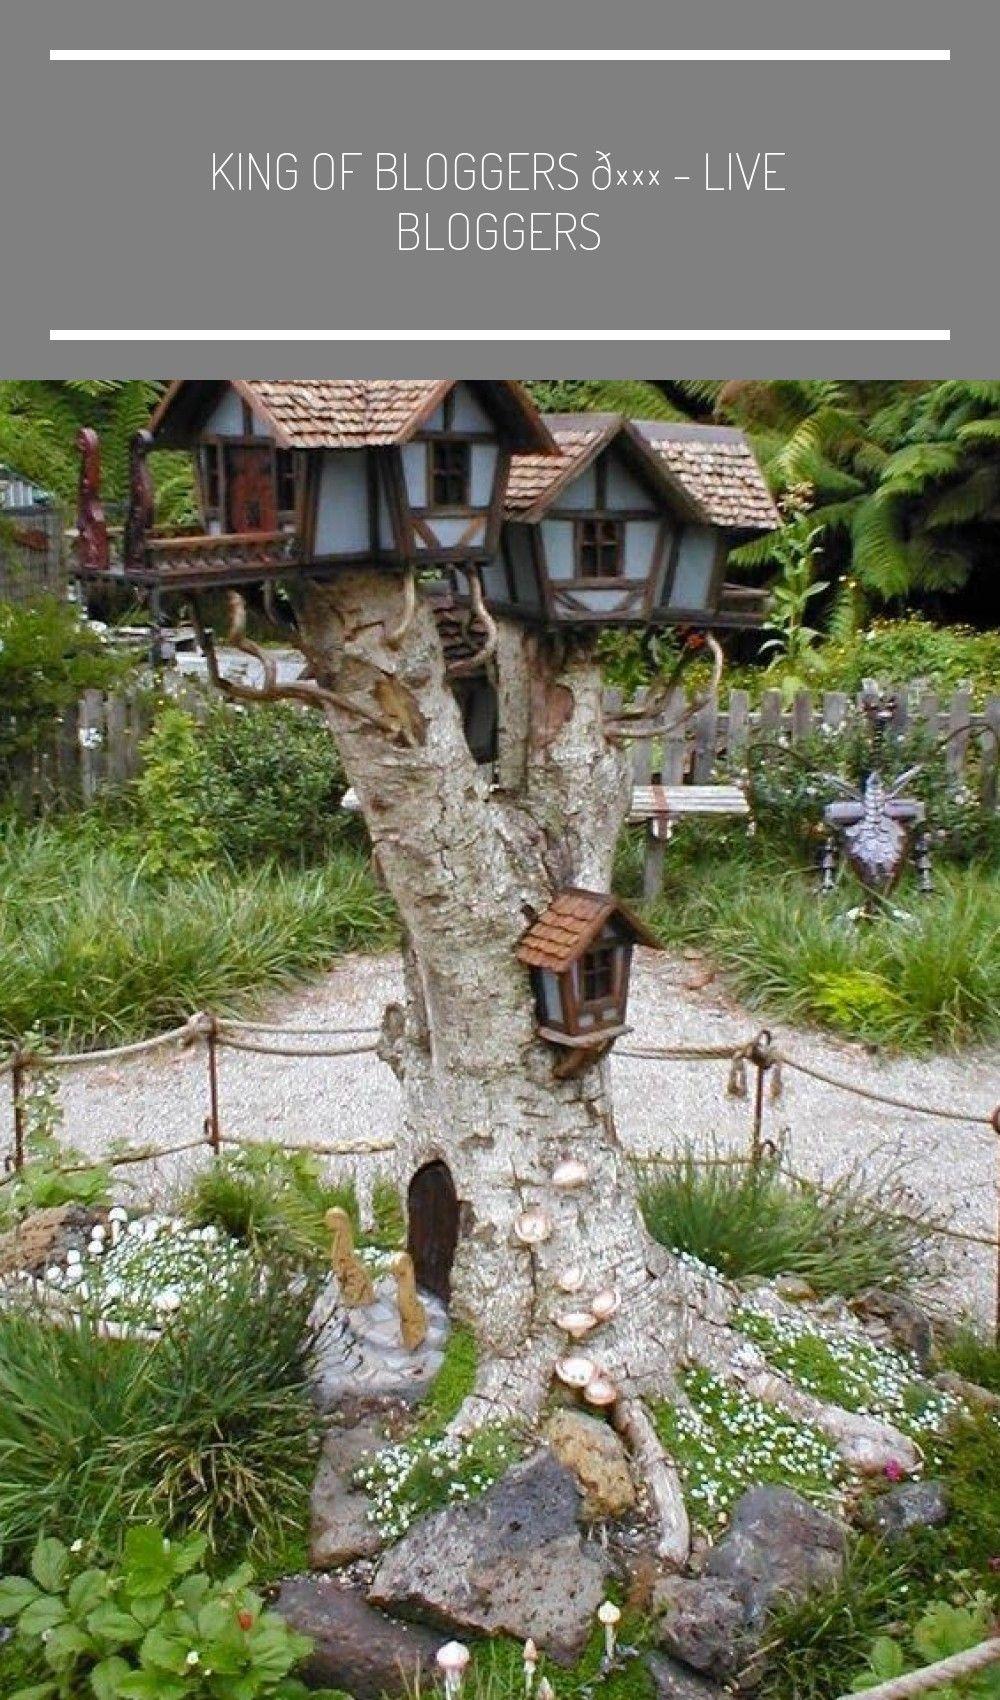 King Of Bloggers   Live Bloggers  Decorate Your Garden With Tree Stumps In An Amazing Way #Amazing #Decorate #Garden #Stumps #tree  Entwürfe für die perfekten Gartenhäuser  Gärten eignen sich nicht nur für Rasenflächen und Haushaltsspielfelder sondern können auch perfekte Standorte für Lagerschuppen sein in denen ungenutzte Haushaltsgegenstände einfach im Schuppen gelagert werden können. Als Teil des gesamten Hausäußeren ist es nur richtig dass Gartenhäuser auch präsentabel und im Verhältnis zum